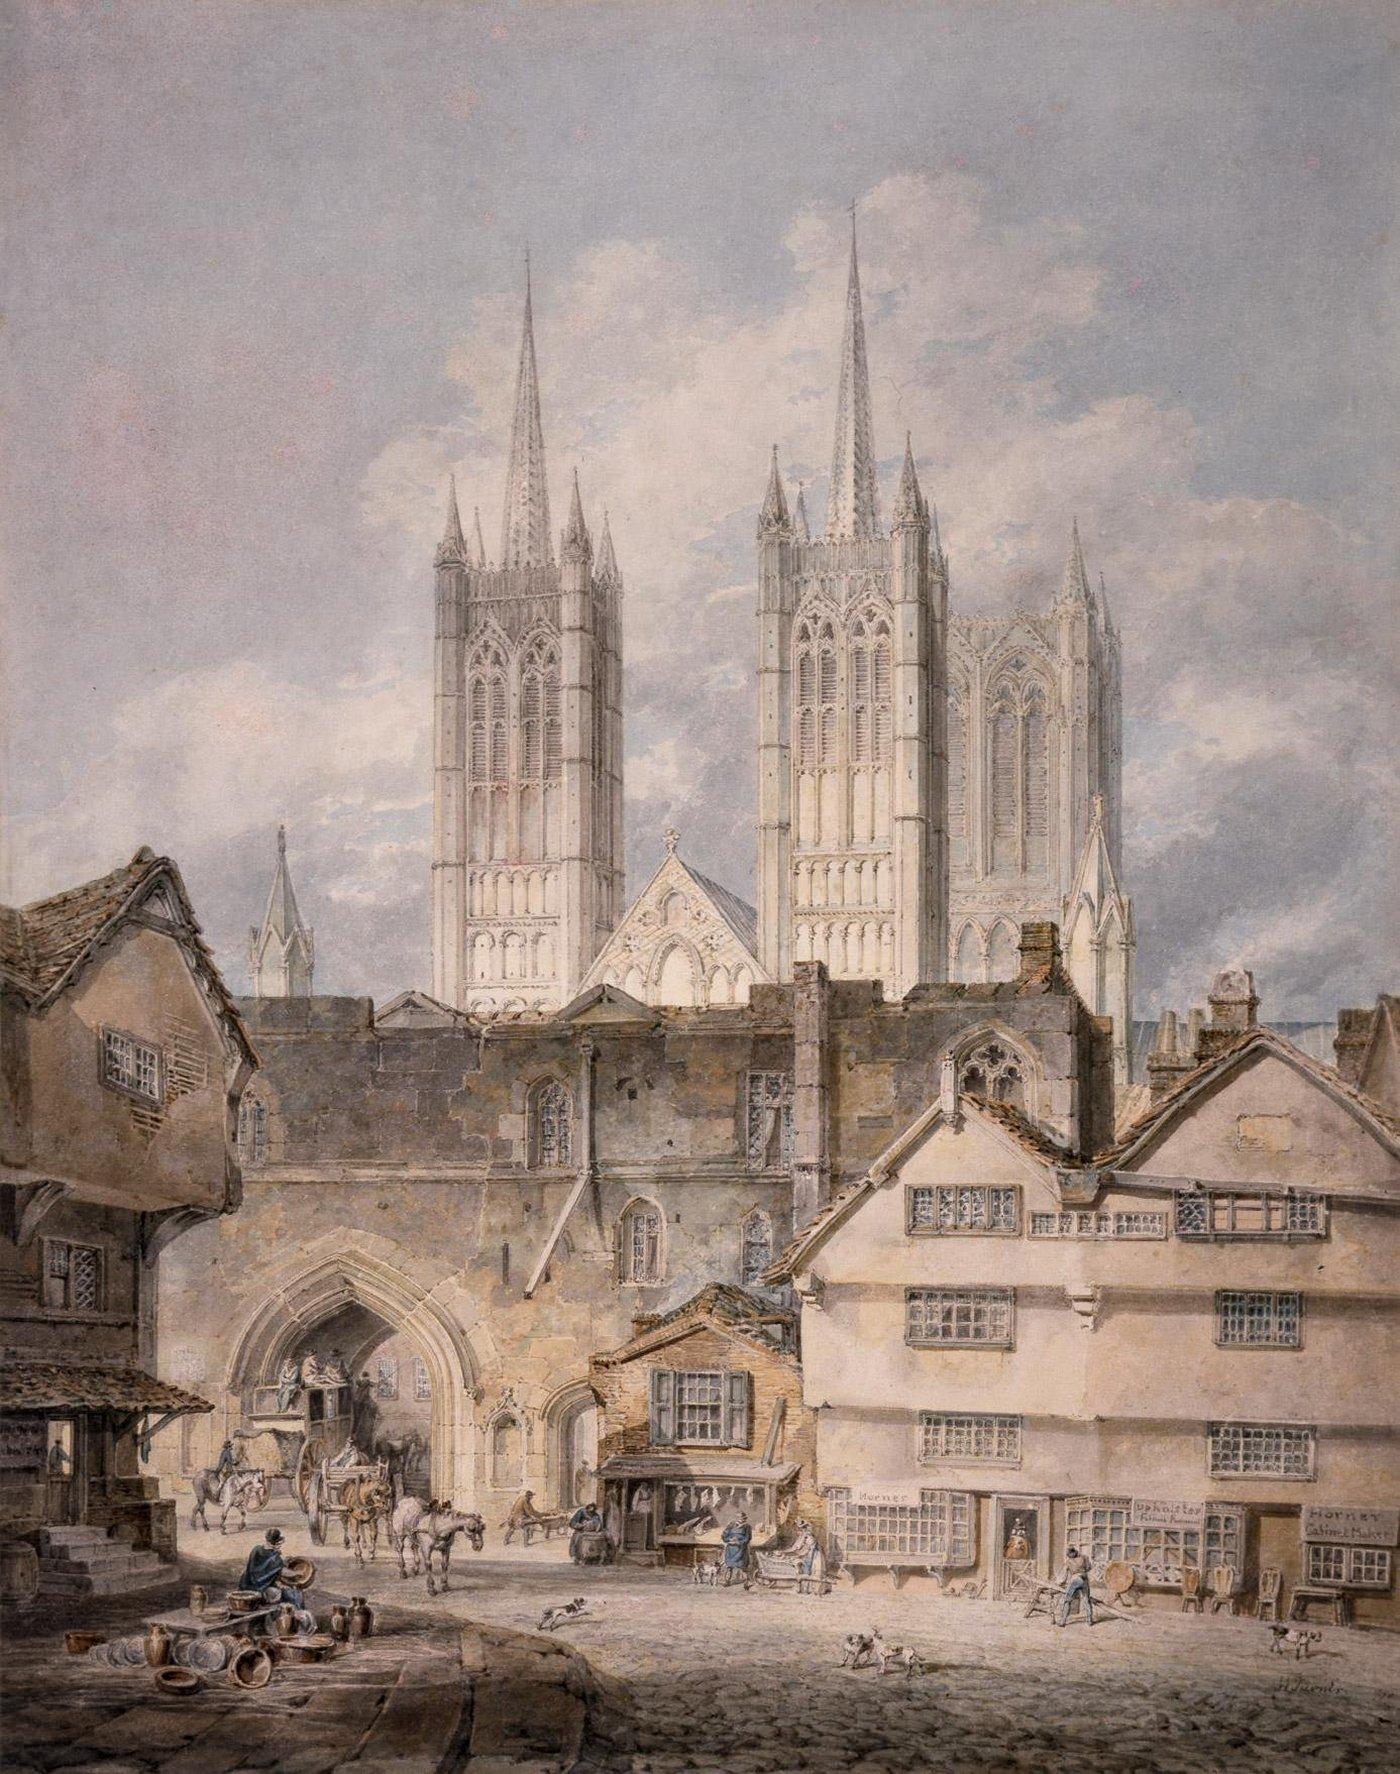 городской пейзаж Кафедральная церковь в Линкольне :: Уильям Тёрнер - William Turner фото